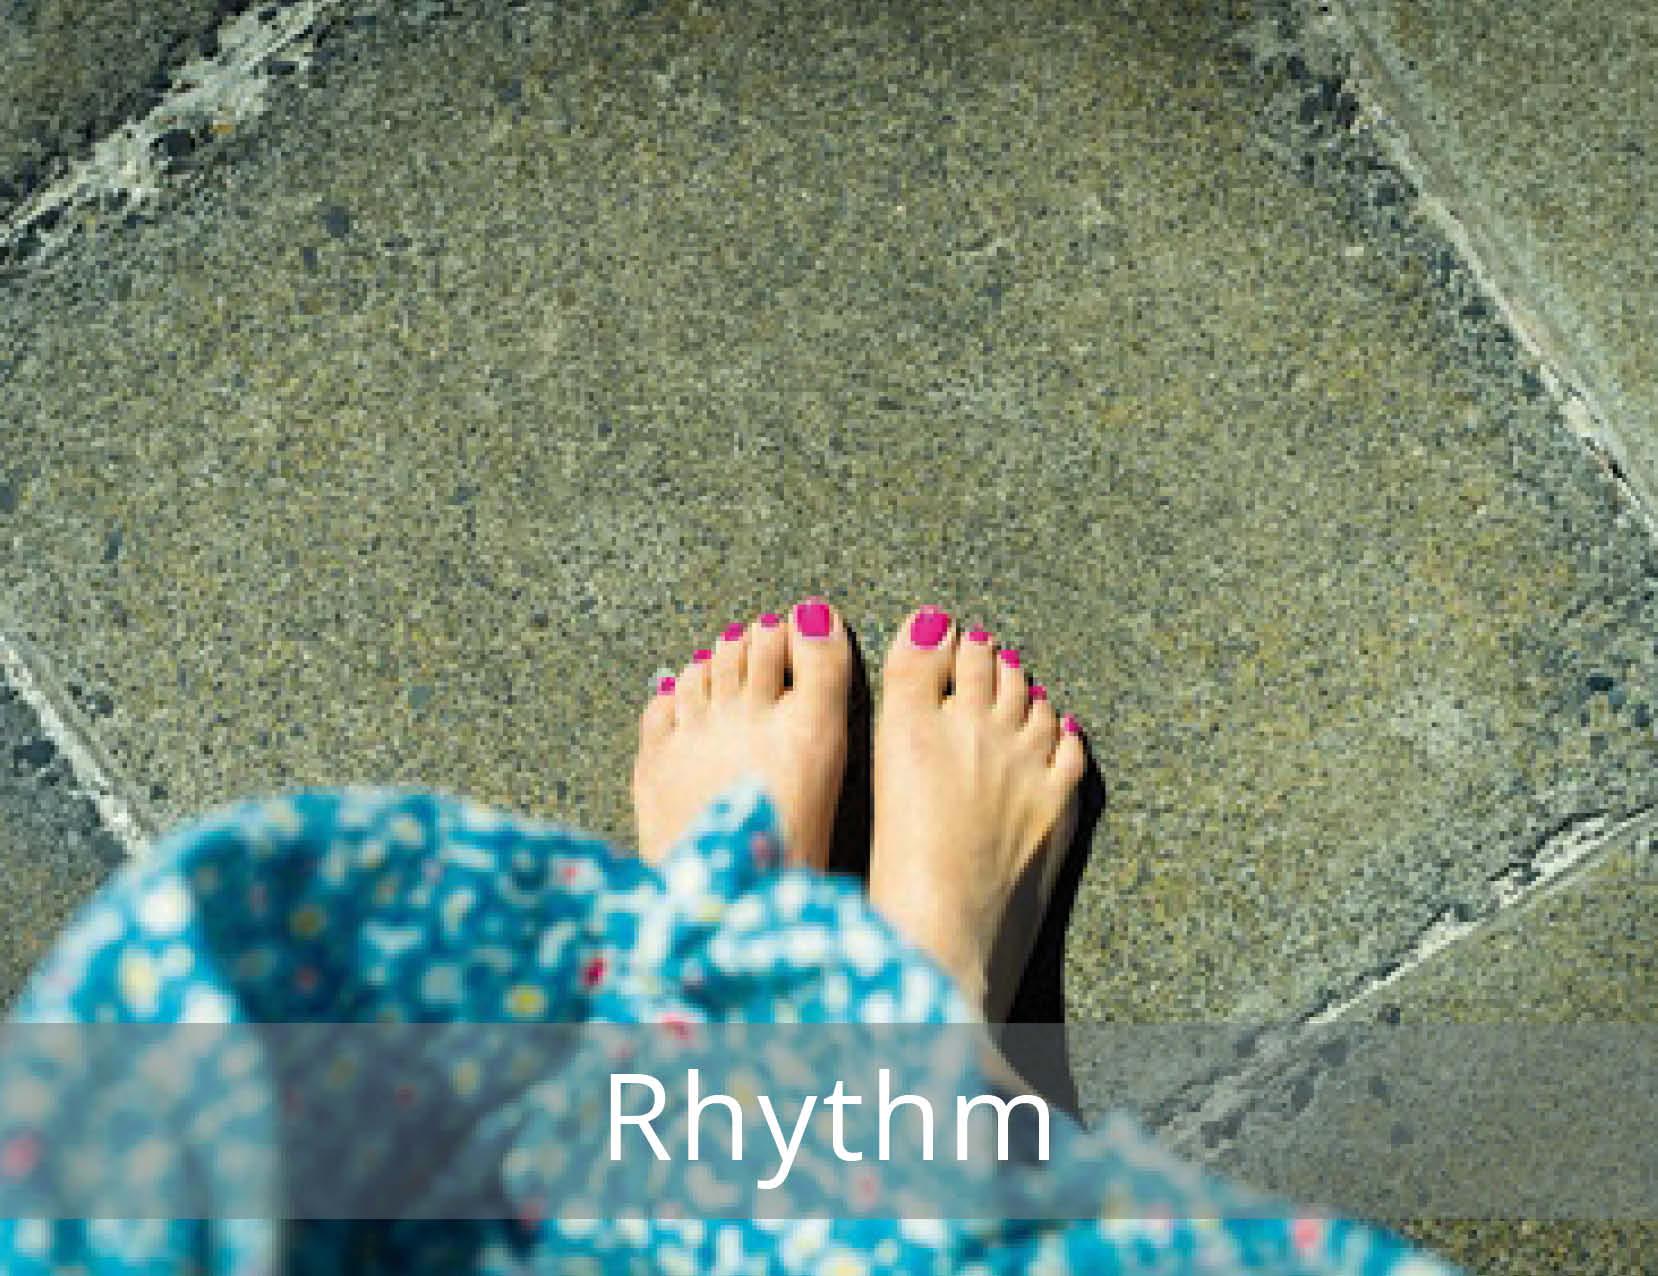 thetahealing-RHYTHM